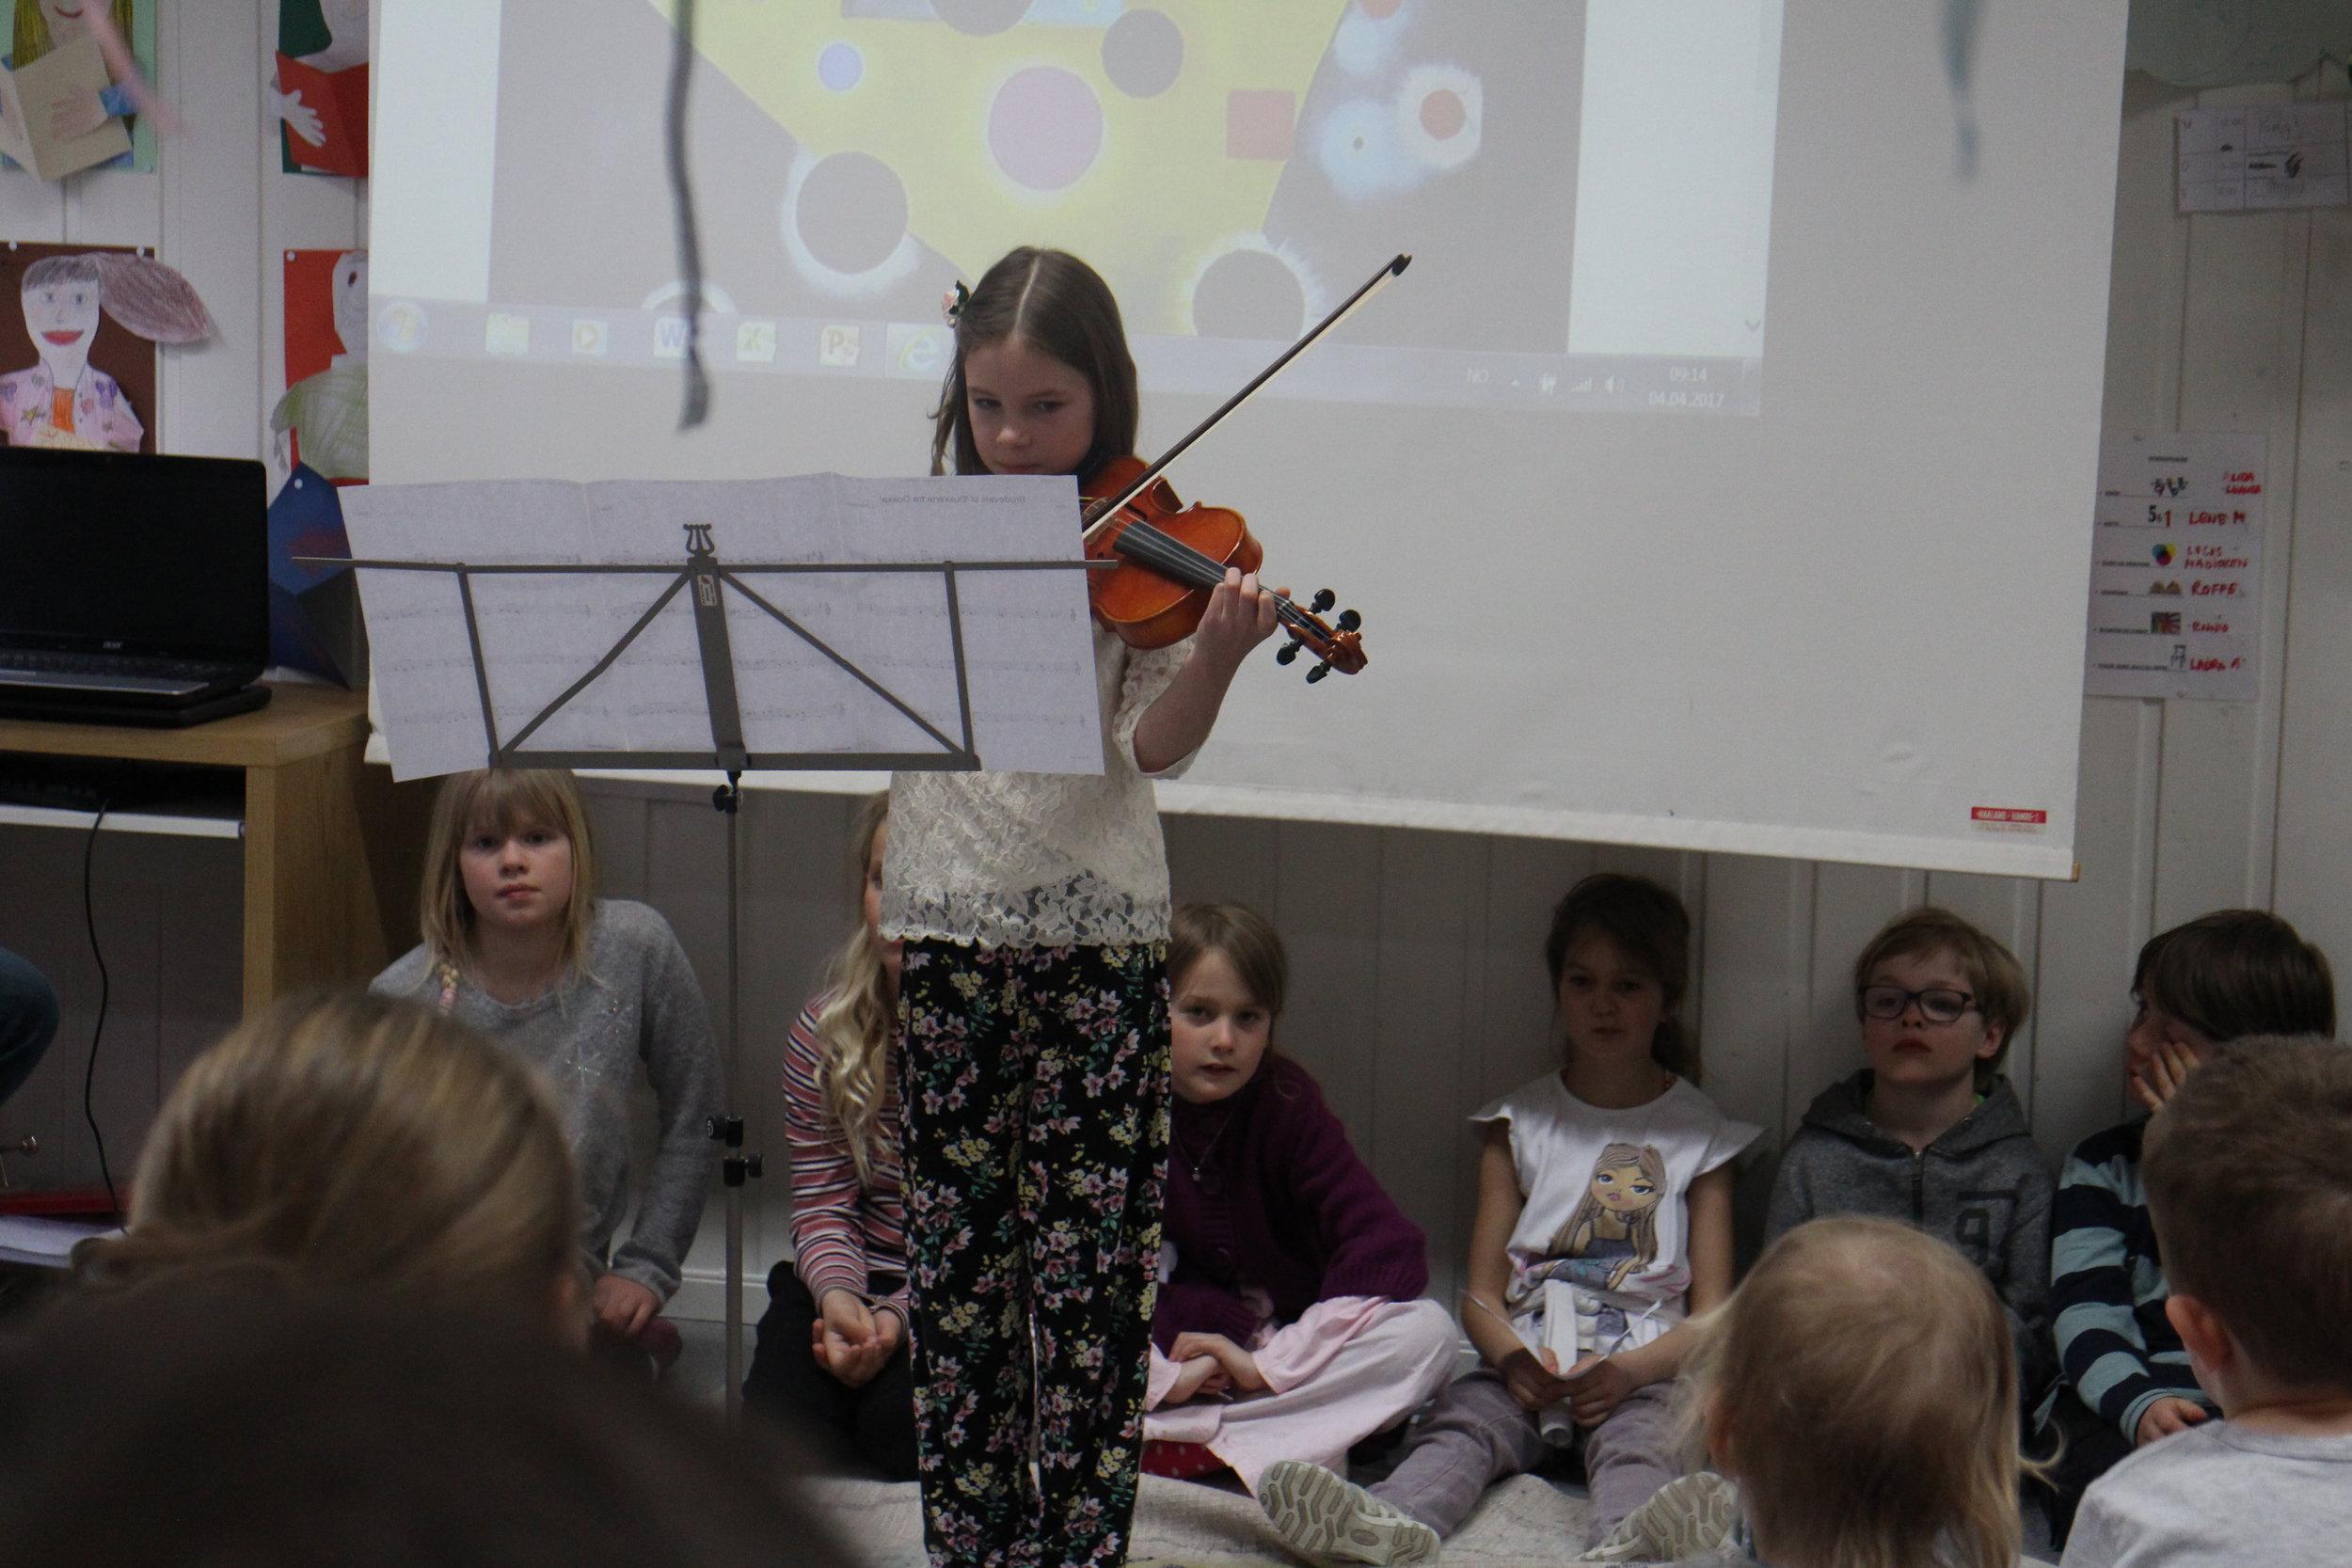 Linnea spilte vakkert på fiolin